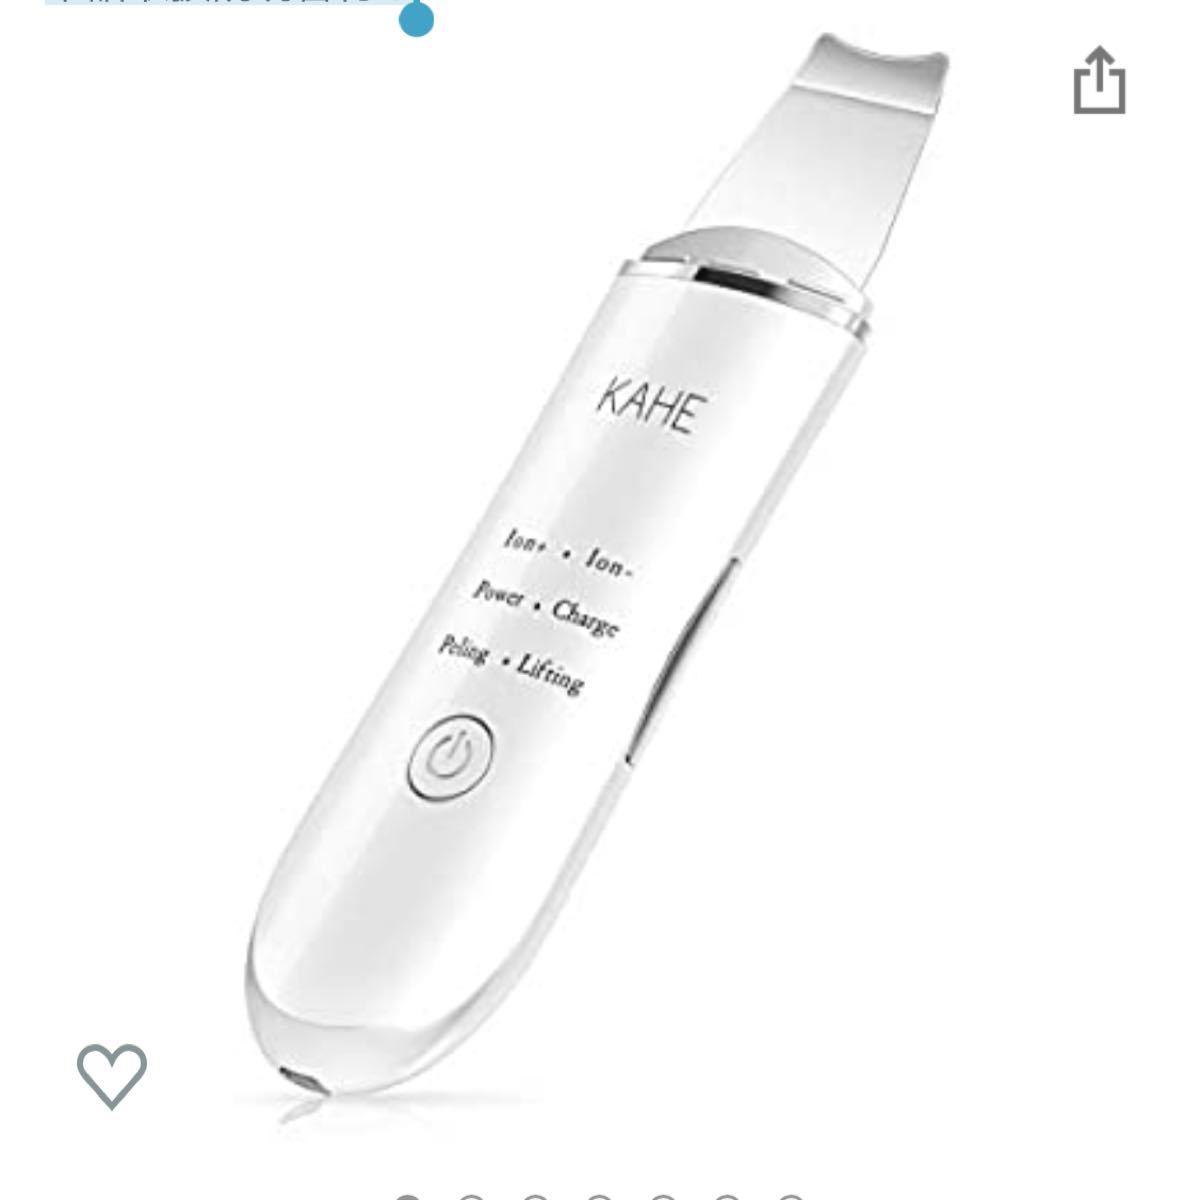 ウォーターピーリング 美顔器 超音波 USB充電式 ピーリングウォーターピーラー